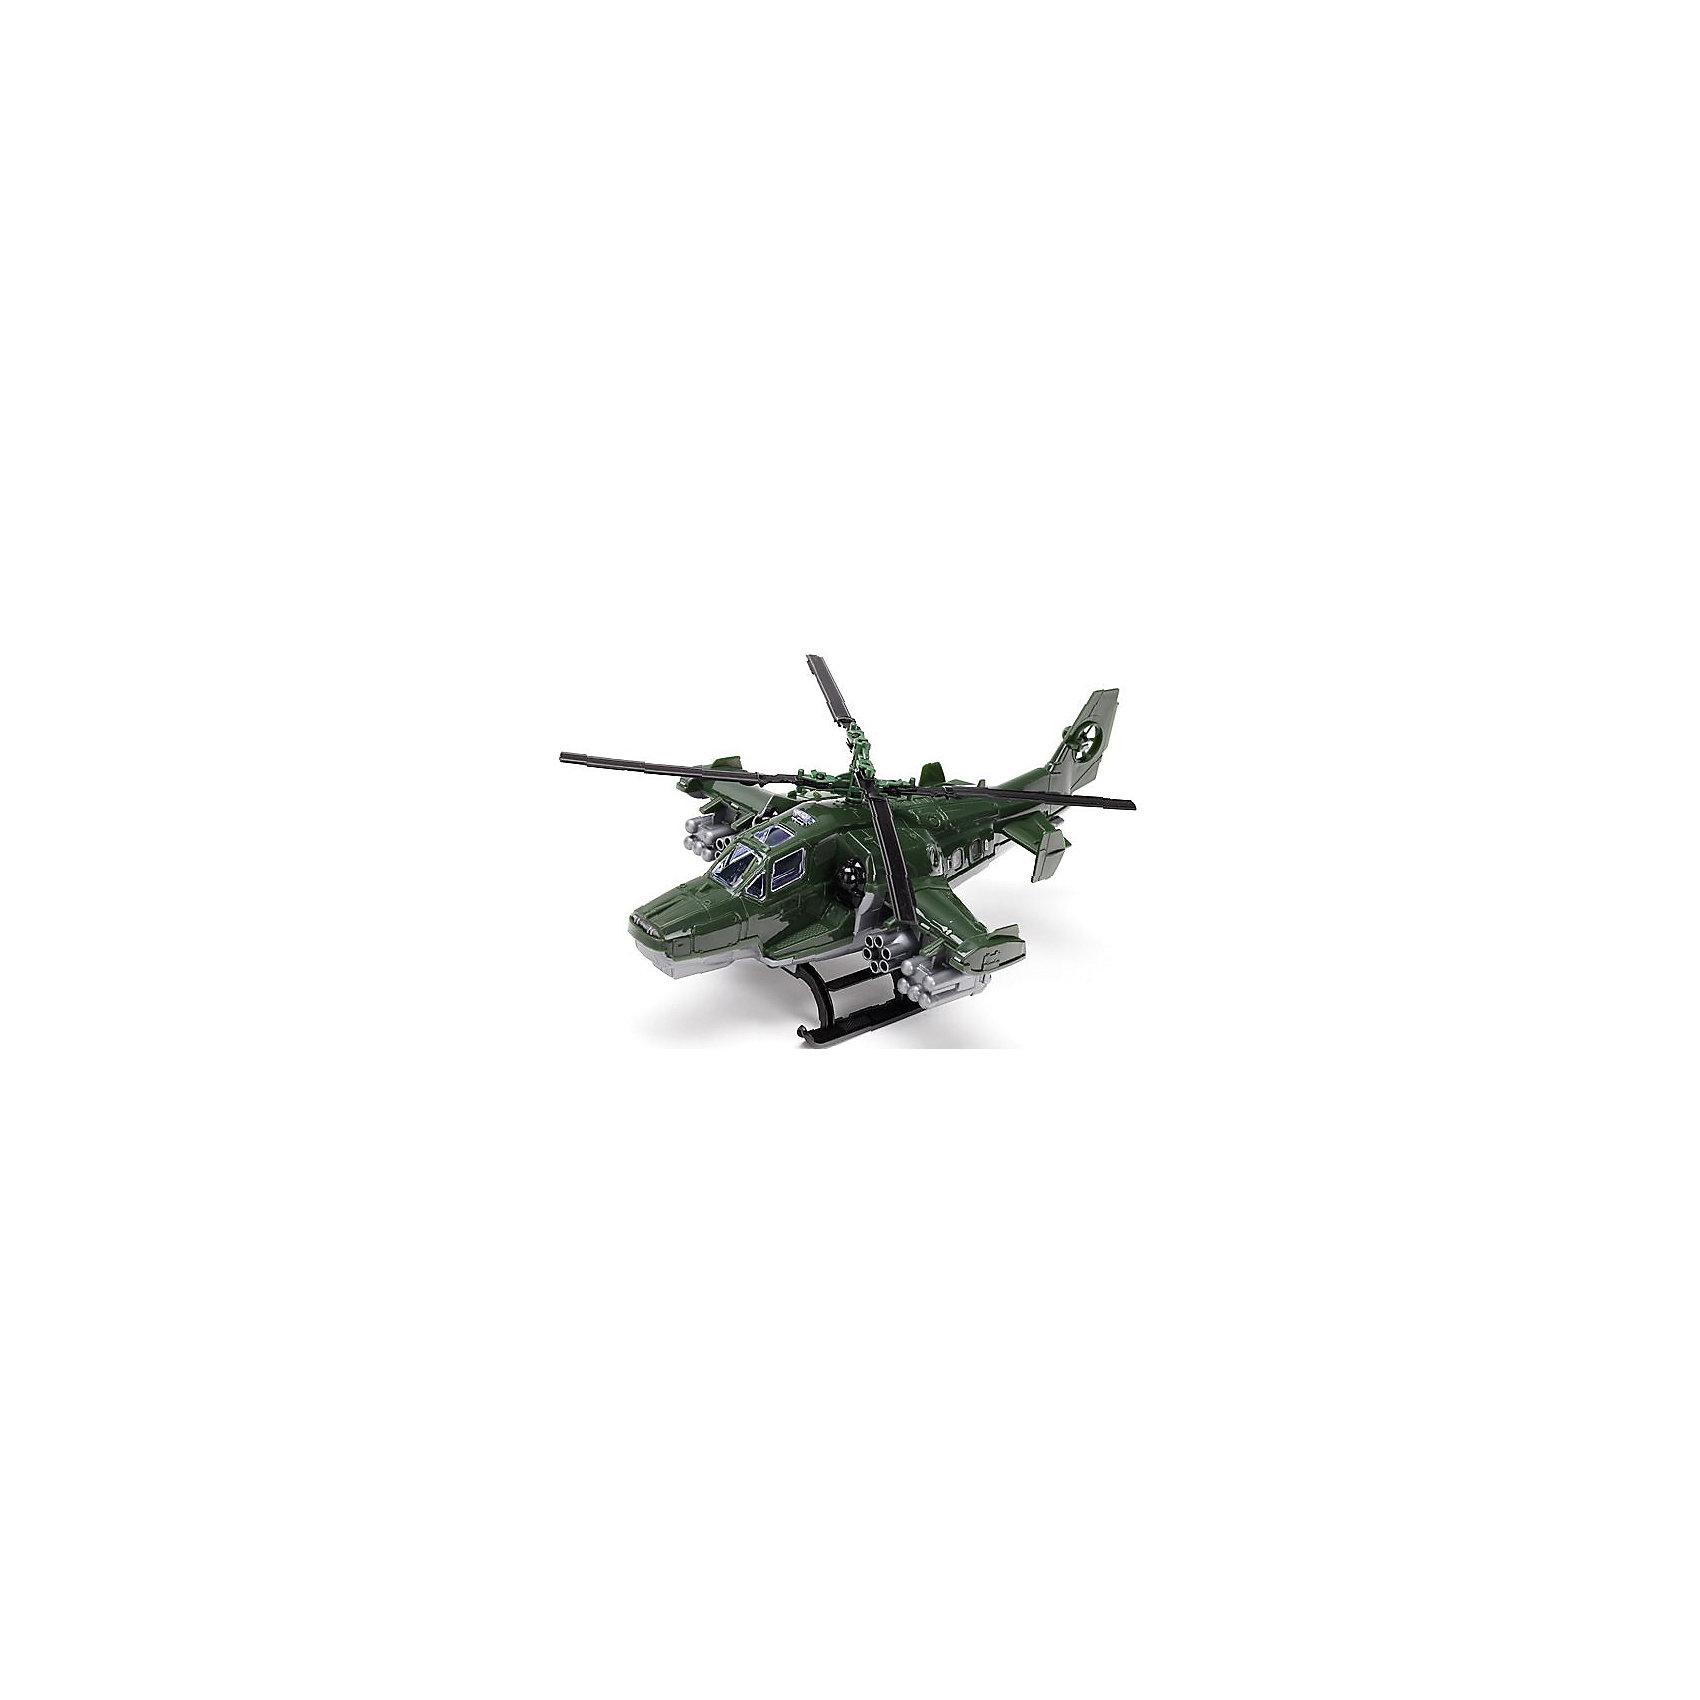 Вертолет Военный, НордпластСамолёты и вертолёты<br>Вертолет Военный<br><br>Ширина мм: 155<br>Глубина мм: 270<br>Высота мм: 400<br>Вес г: 290<br>Возраст от месяцев: 36<br>Возраст до месяцев: 84<br>Пол: Унисекс<br>Возраст: Детский<br>SKU: 4642065